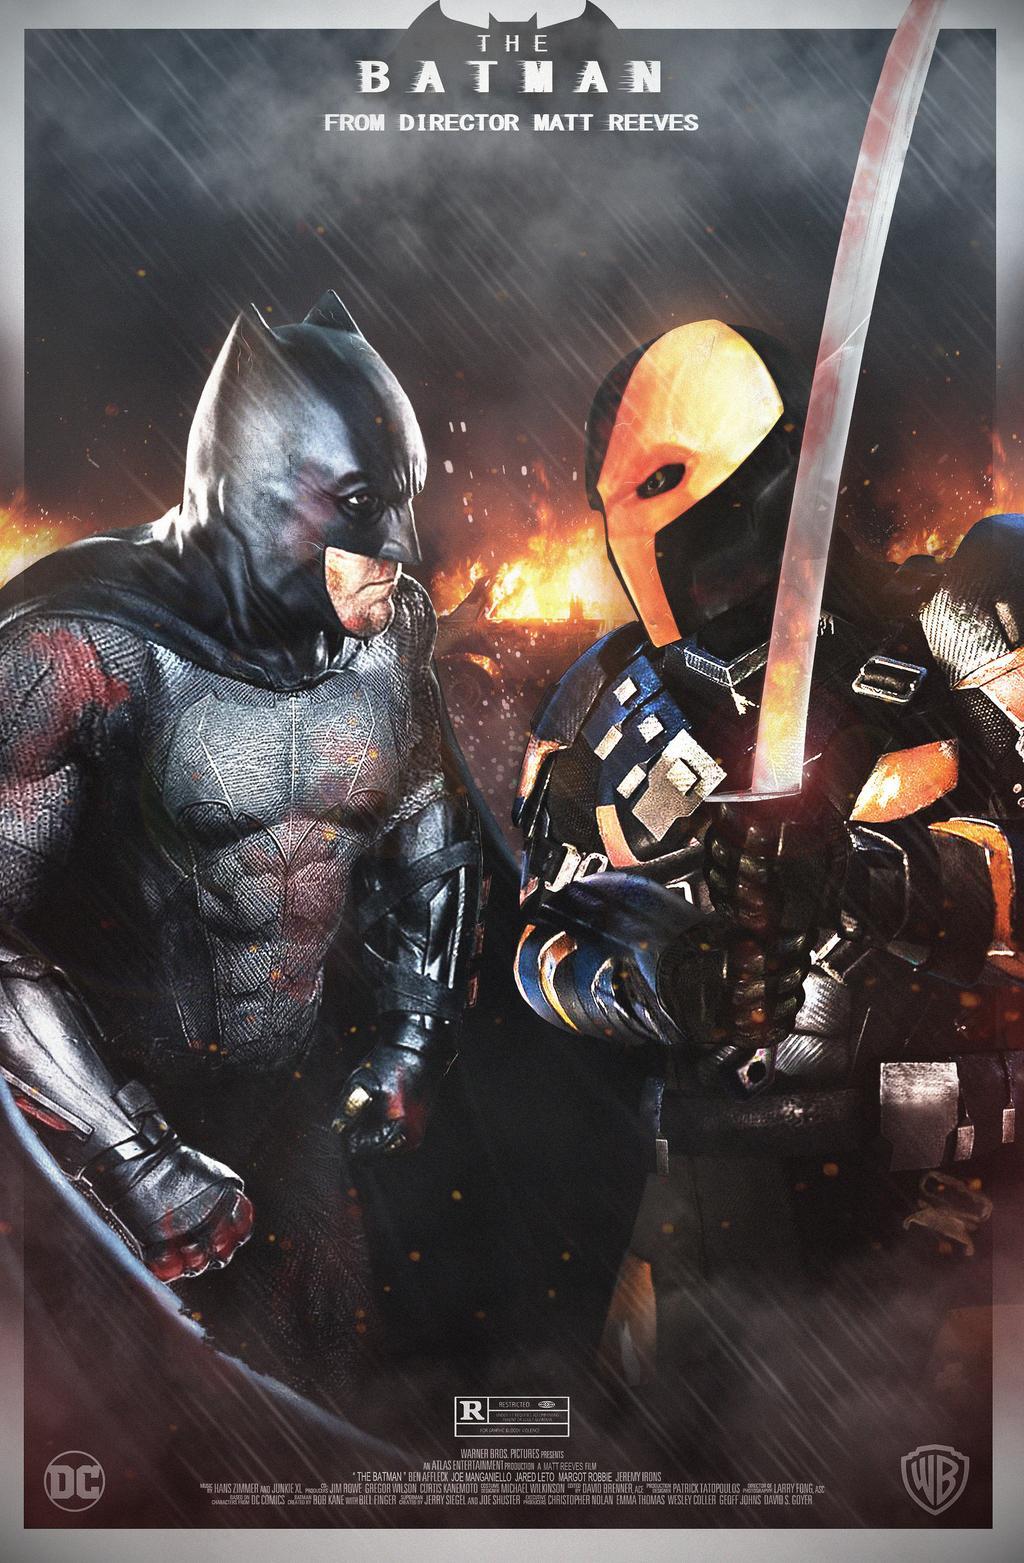 AT&T e WarnerMedia querem Ben Affleck de volta como Batman (rumor) 8